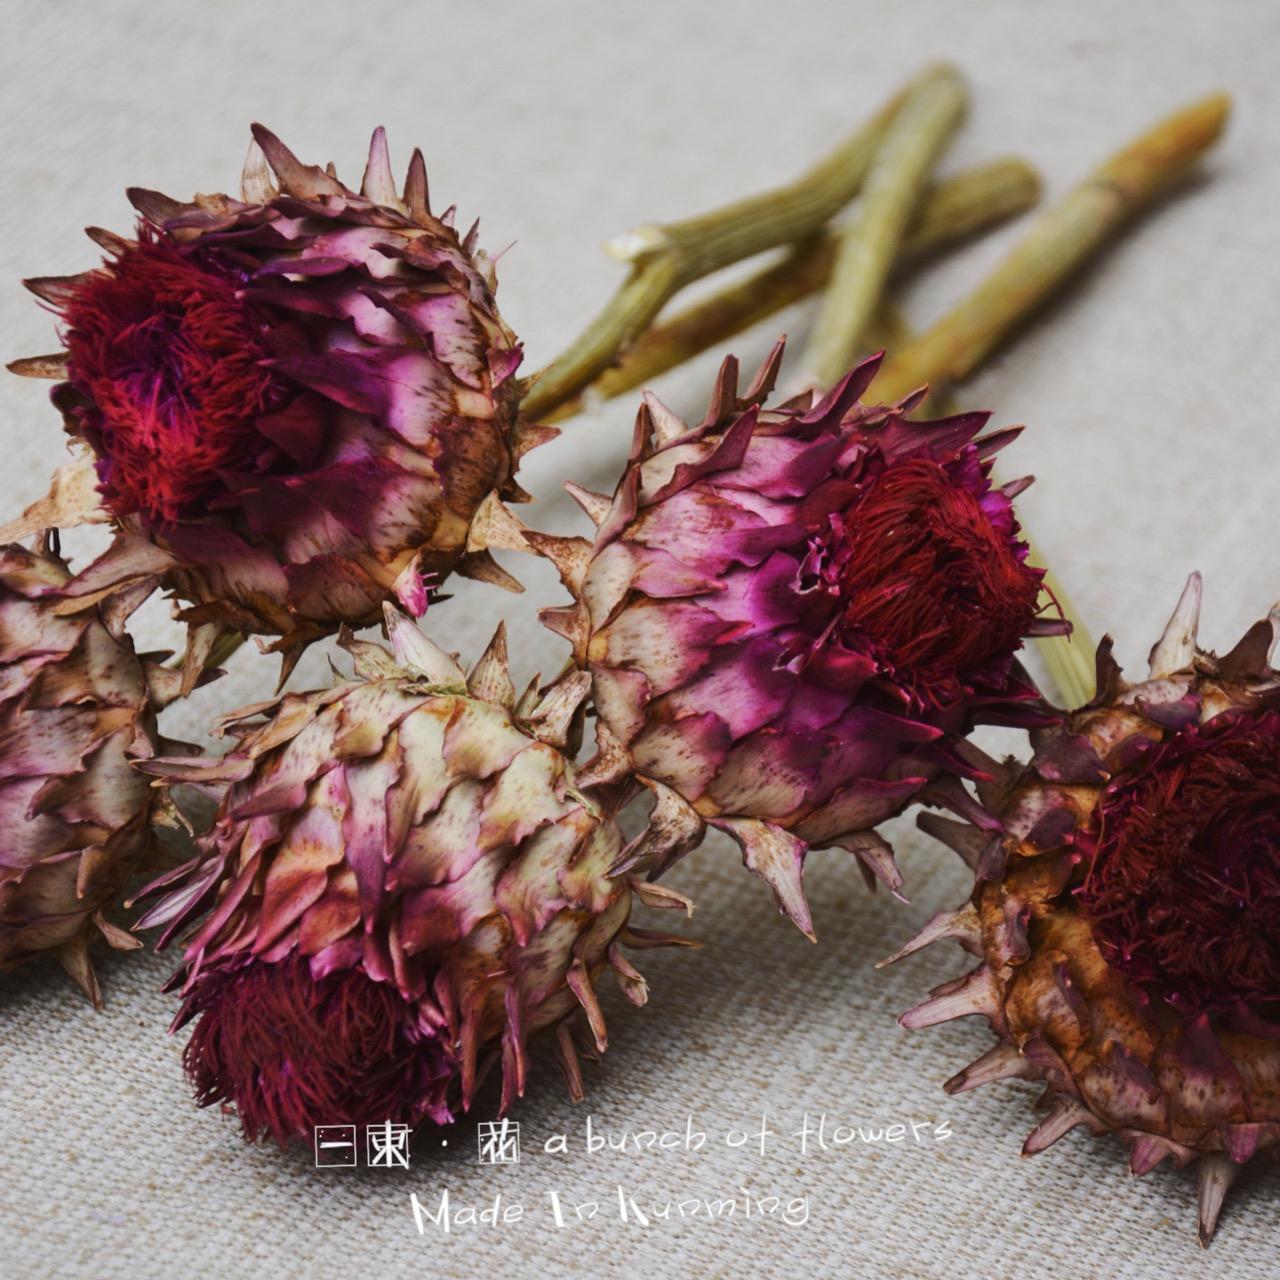 Импорт повелитель цветок сухие цветы юар действительно цветок высушенный один продвинутый сухие цветы цветочная композиция кофе зал магазин декоративный